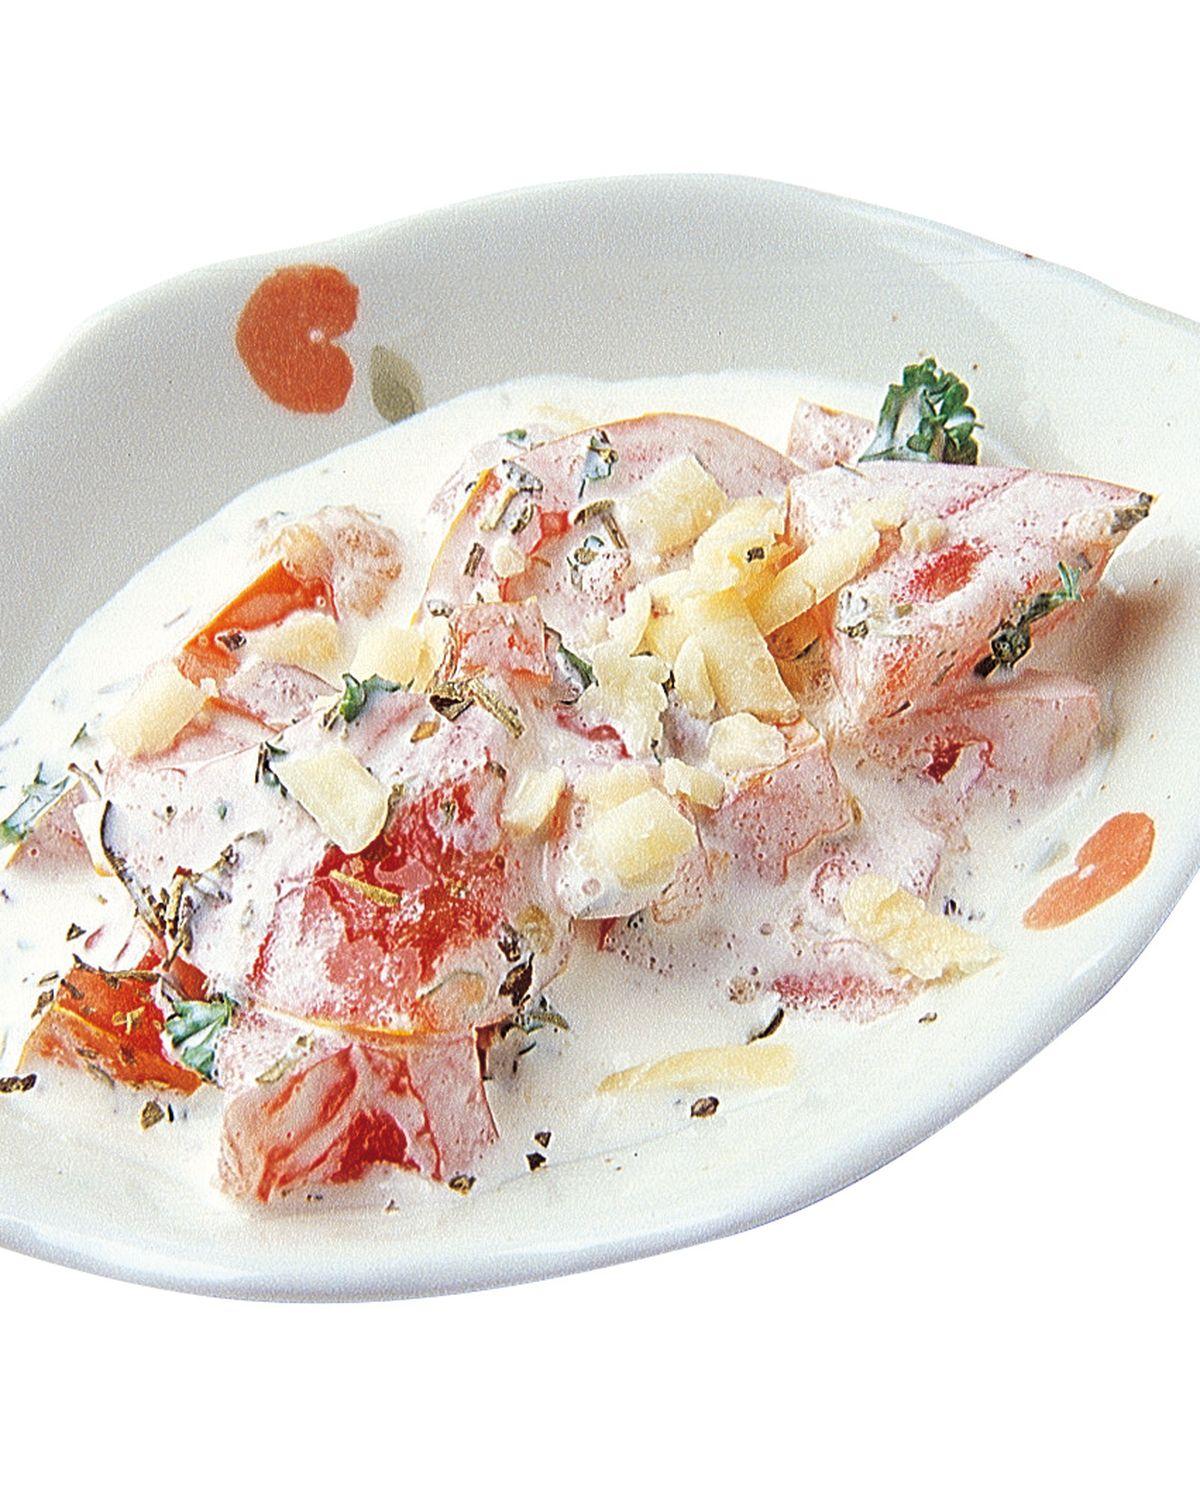 食譜:鮪魚焗乳酪麵卷調味汁